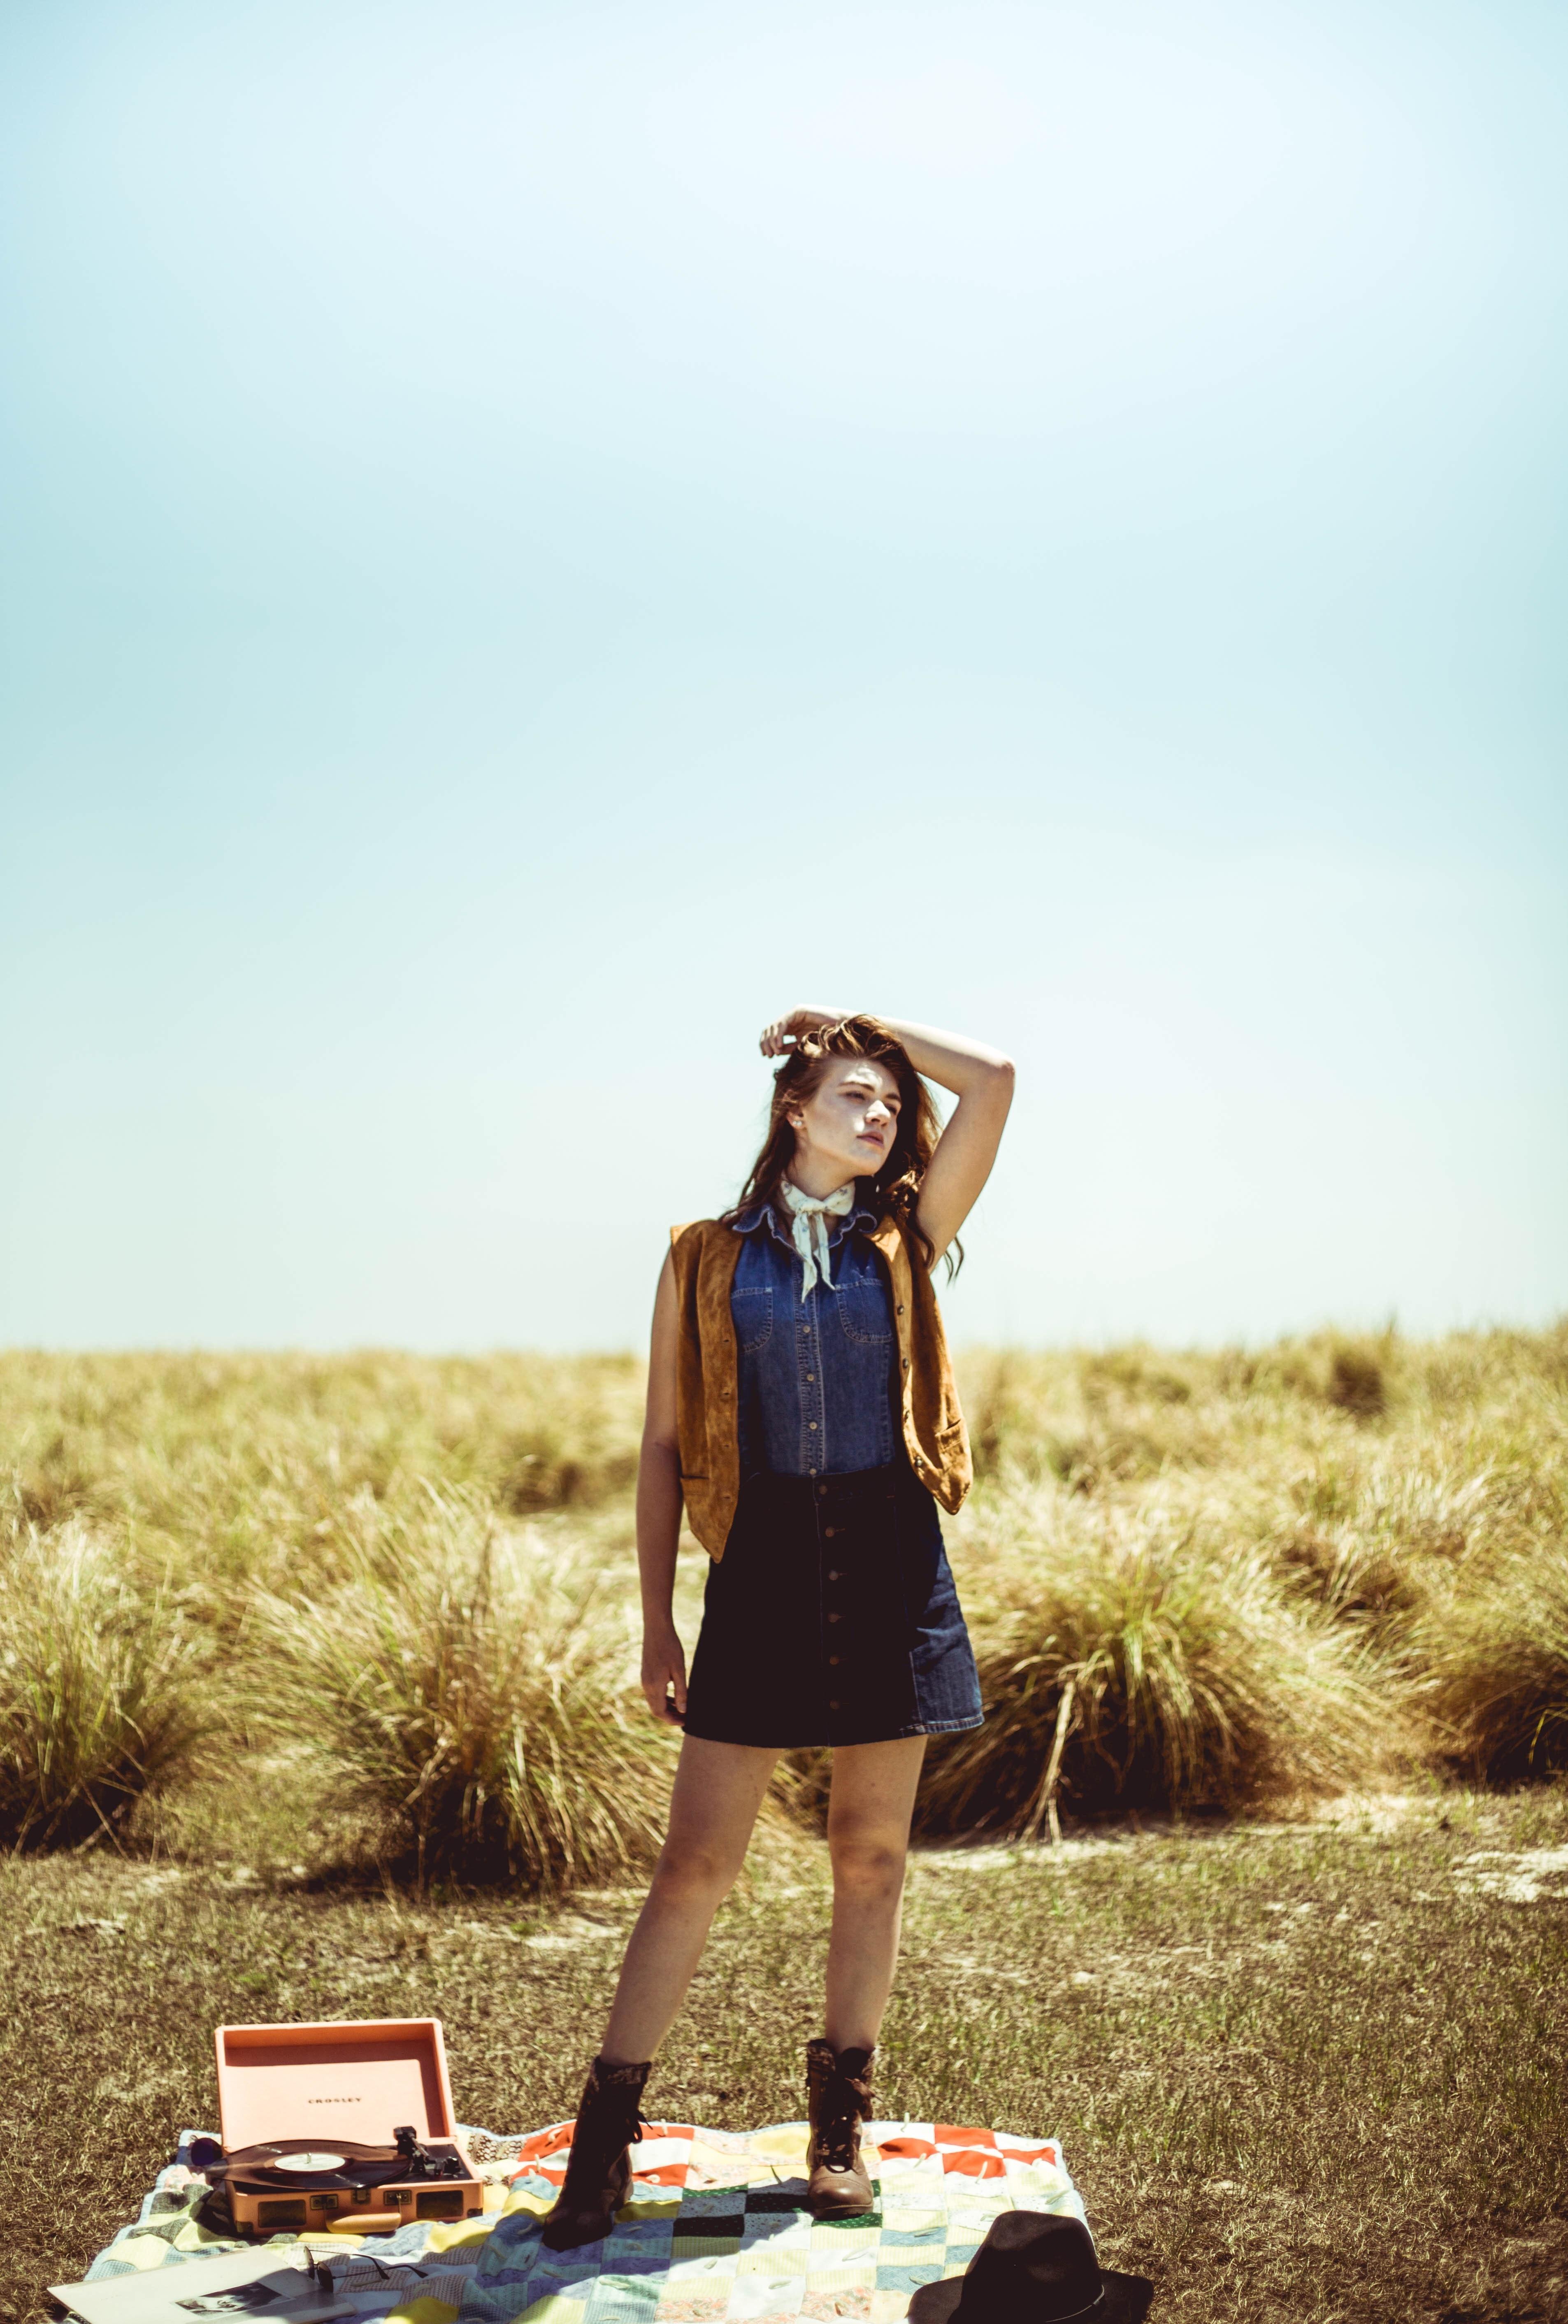 DeAngela Bauer's Model portfolio